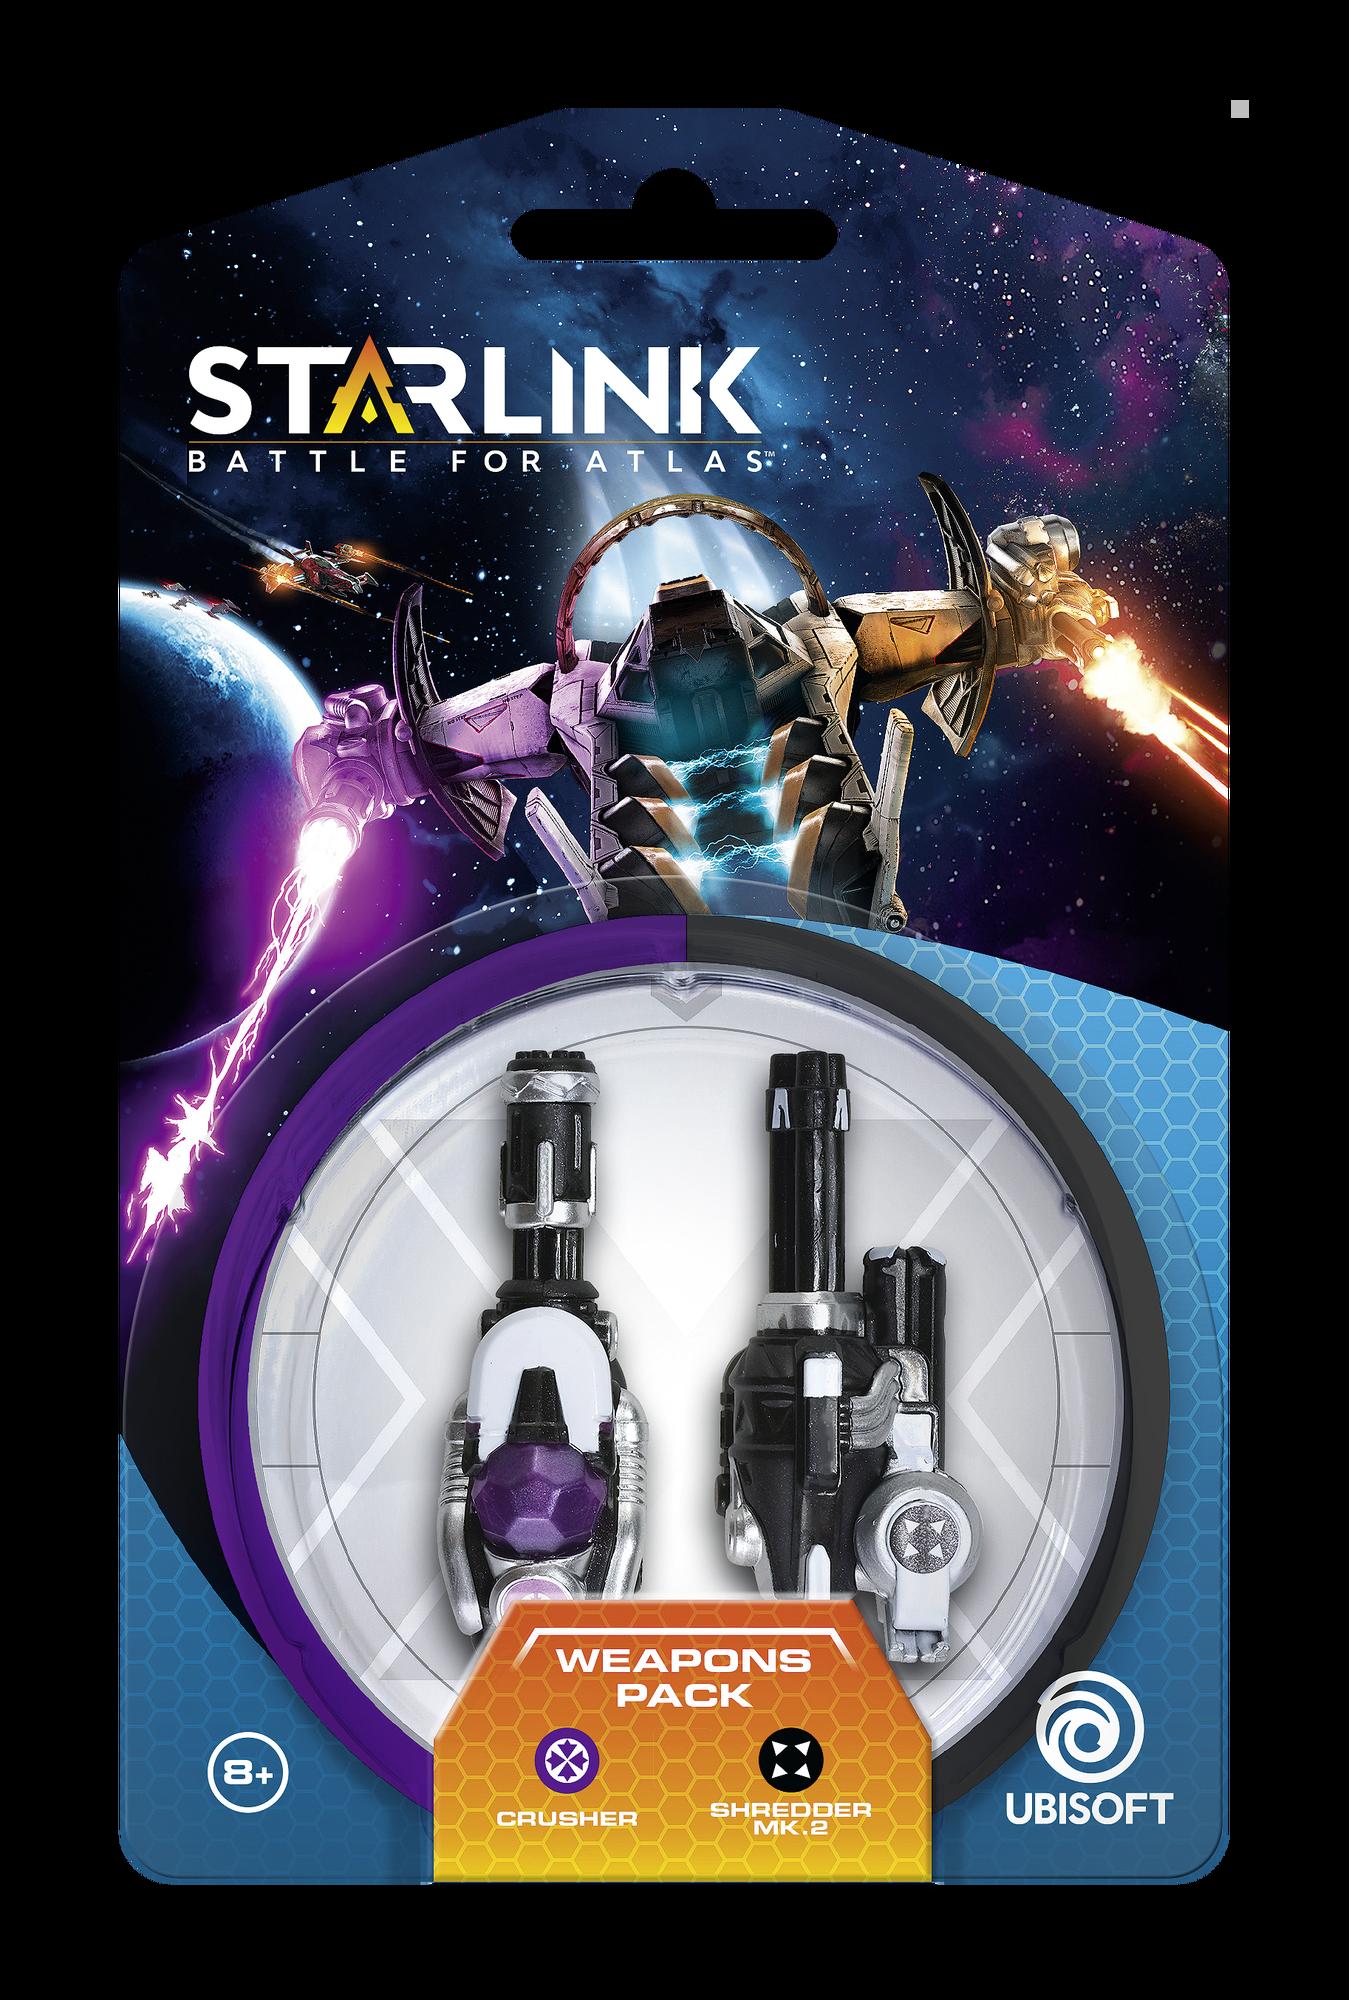 Starlink: Battle for Atlas - Armi Pack (Crusher | Shredder Mk.2)